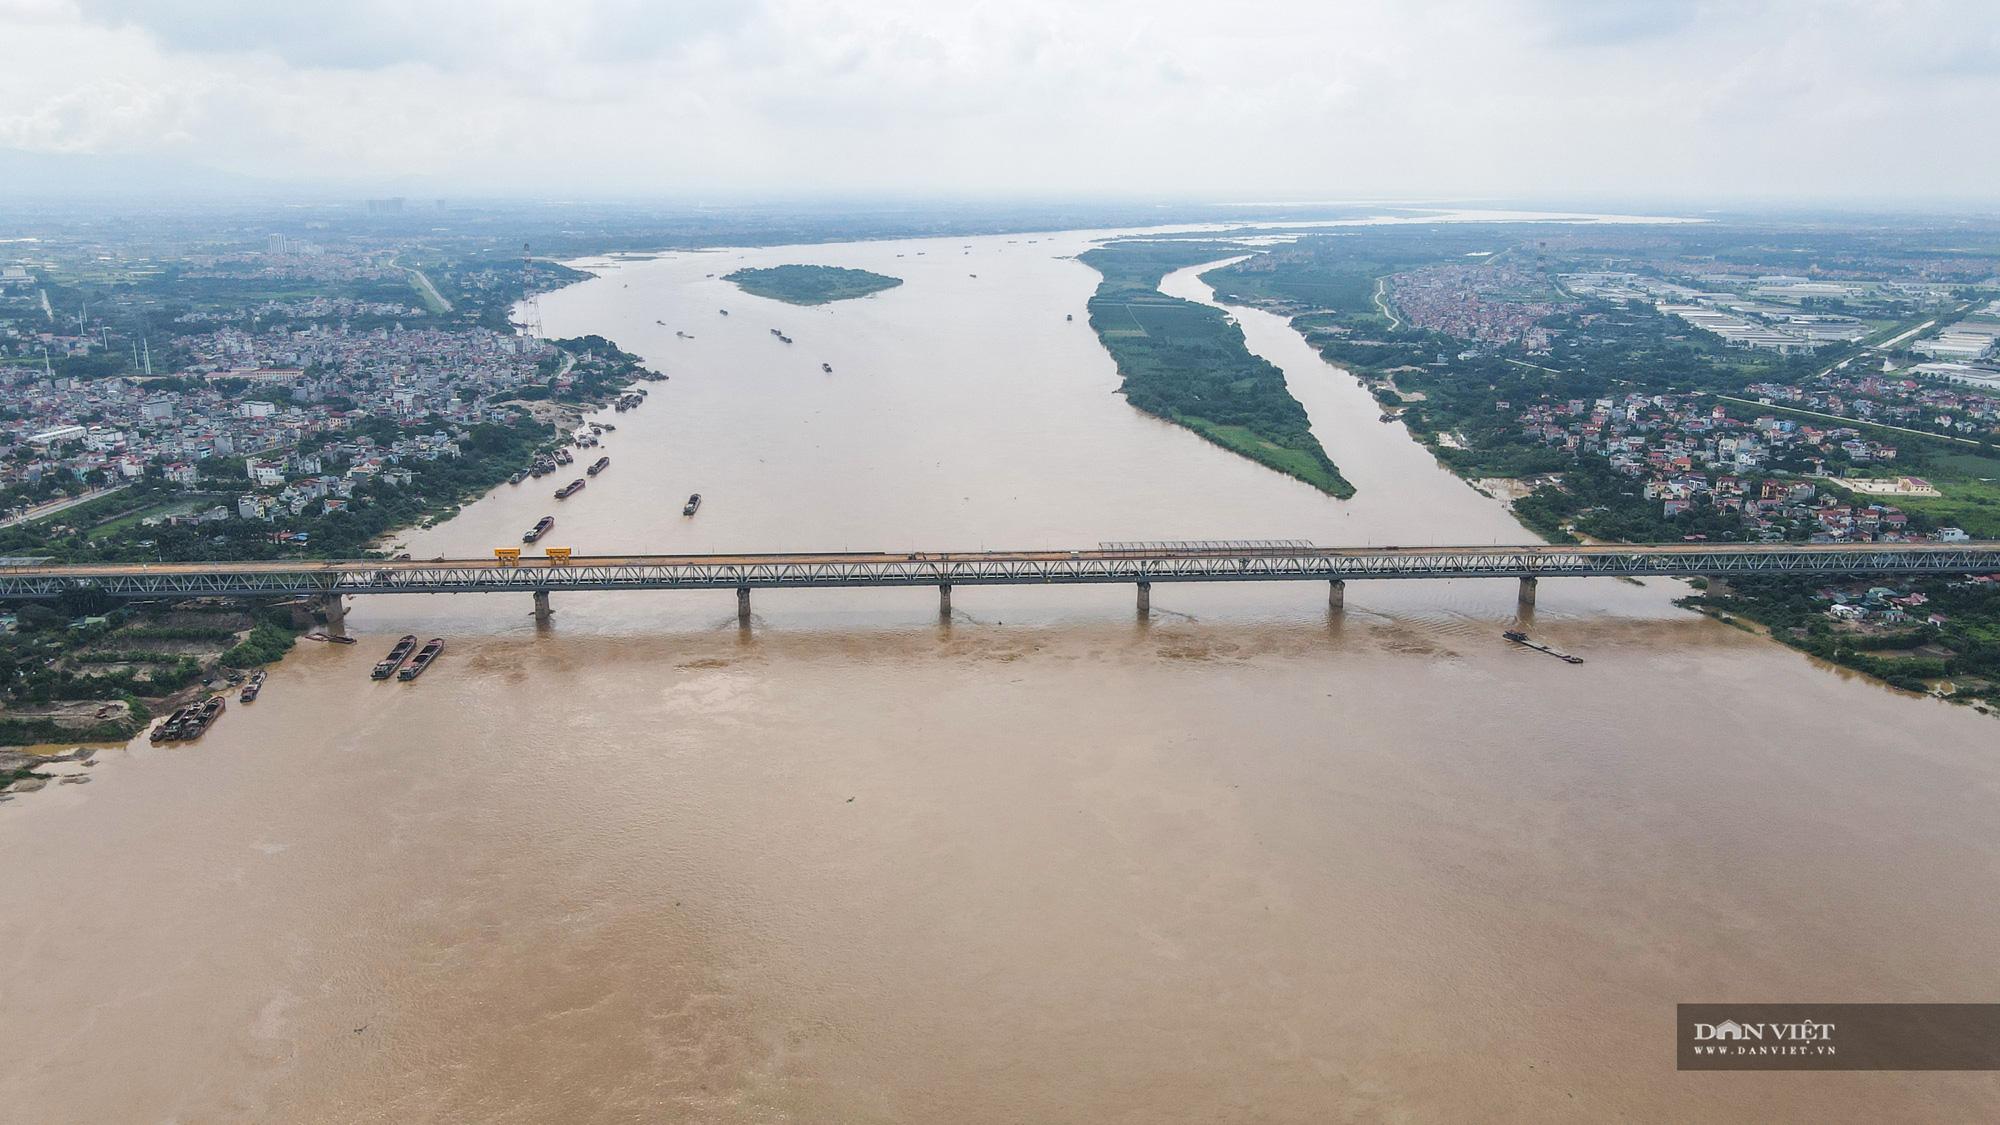 Những cây cầu làm thay đổi diện mạo Thủ đô trong những năm qua - Ảnh 7.